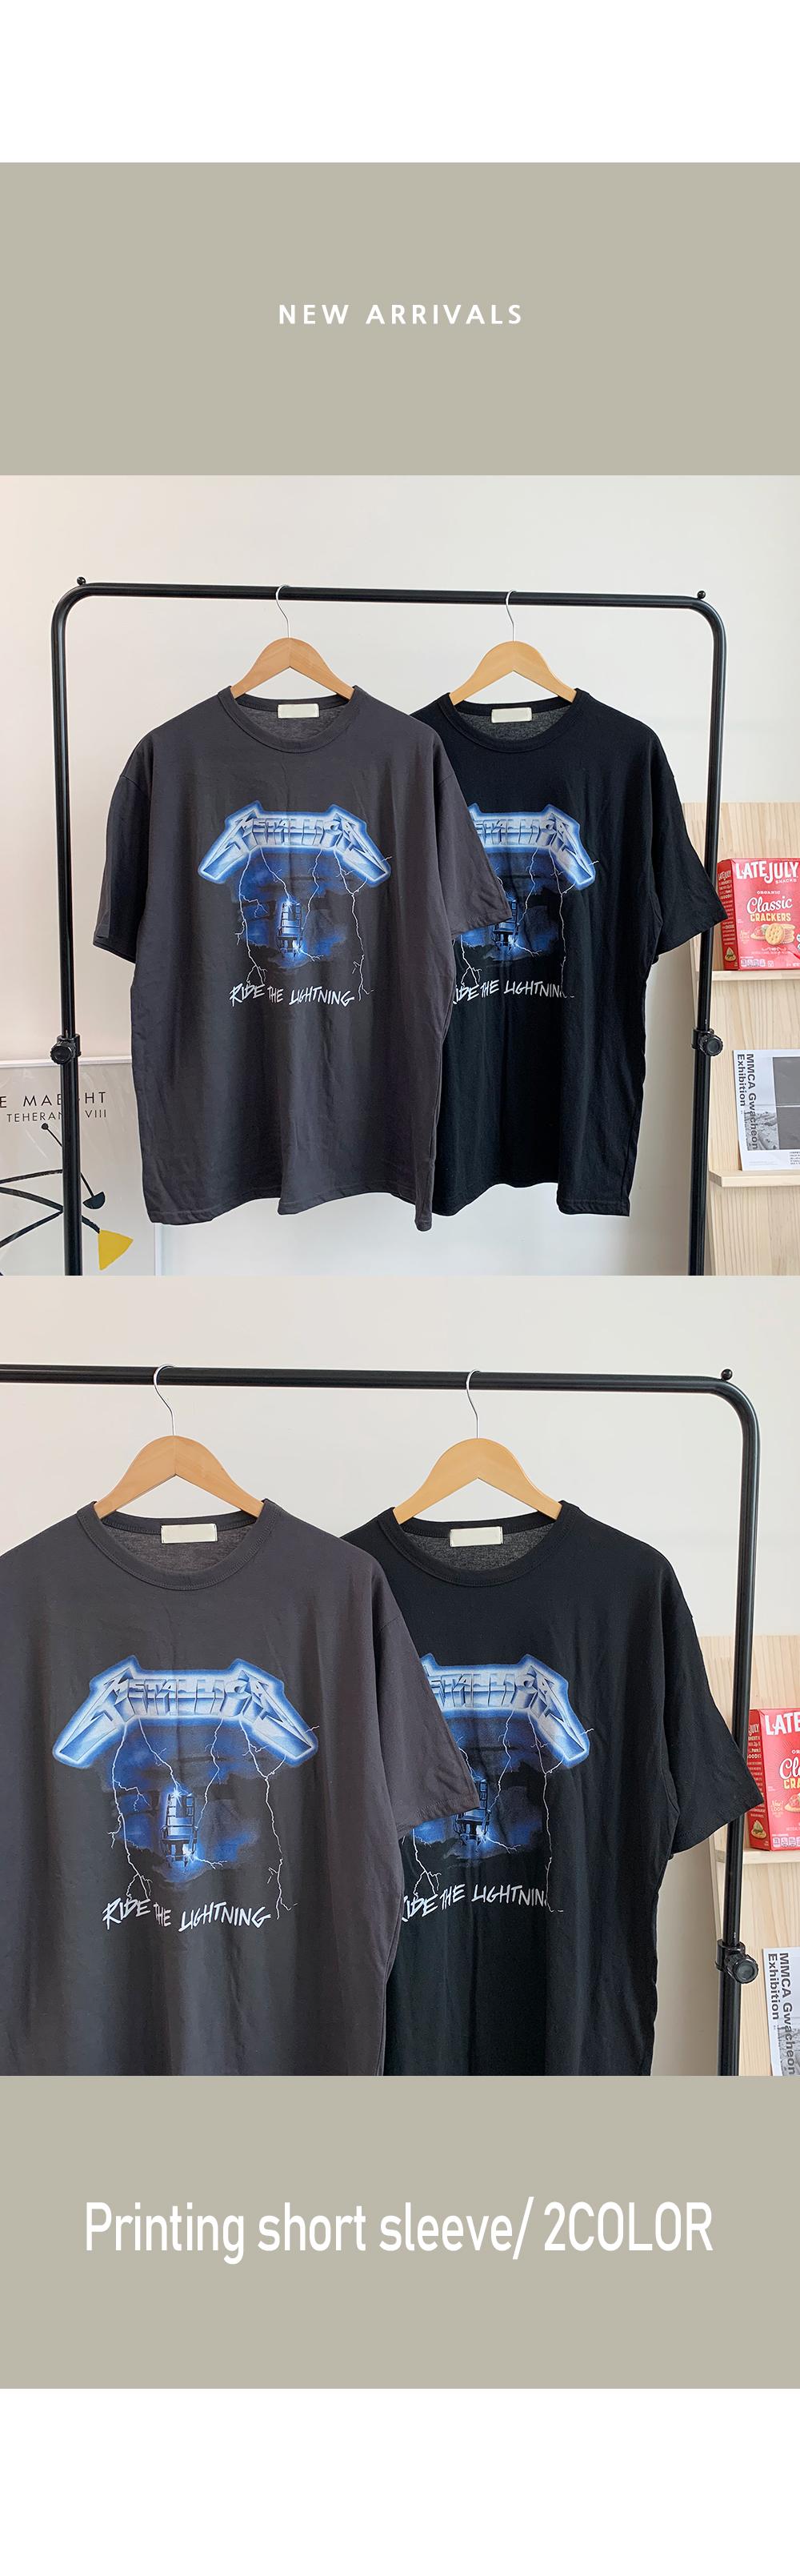 Metallica Printing Short Sleeve Tee